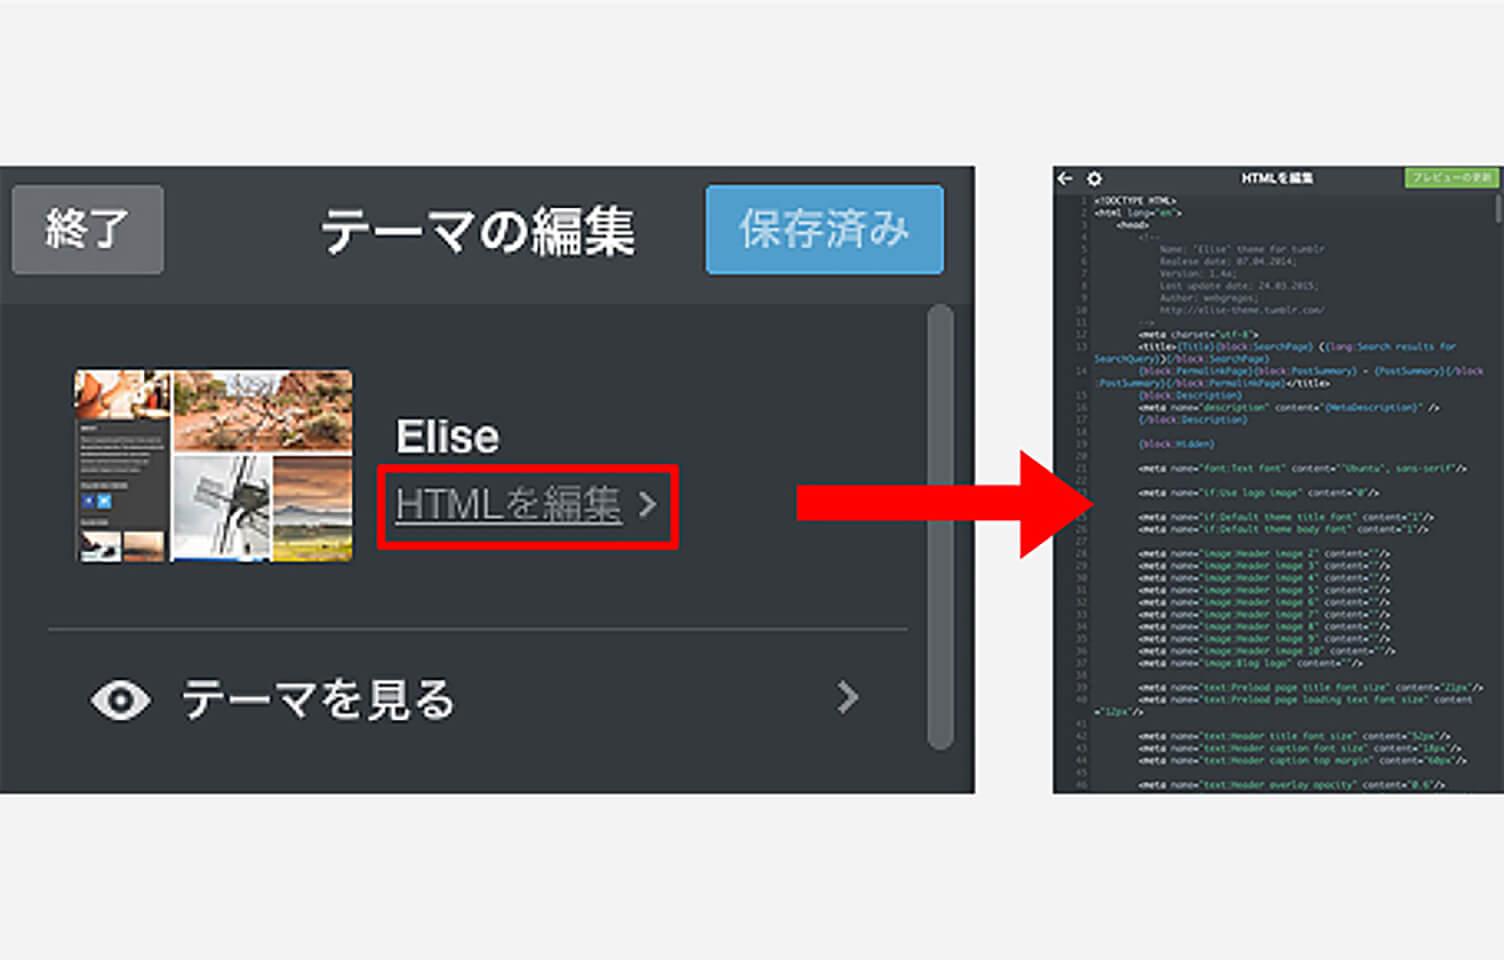 htmlを直接編集してみよう